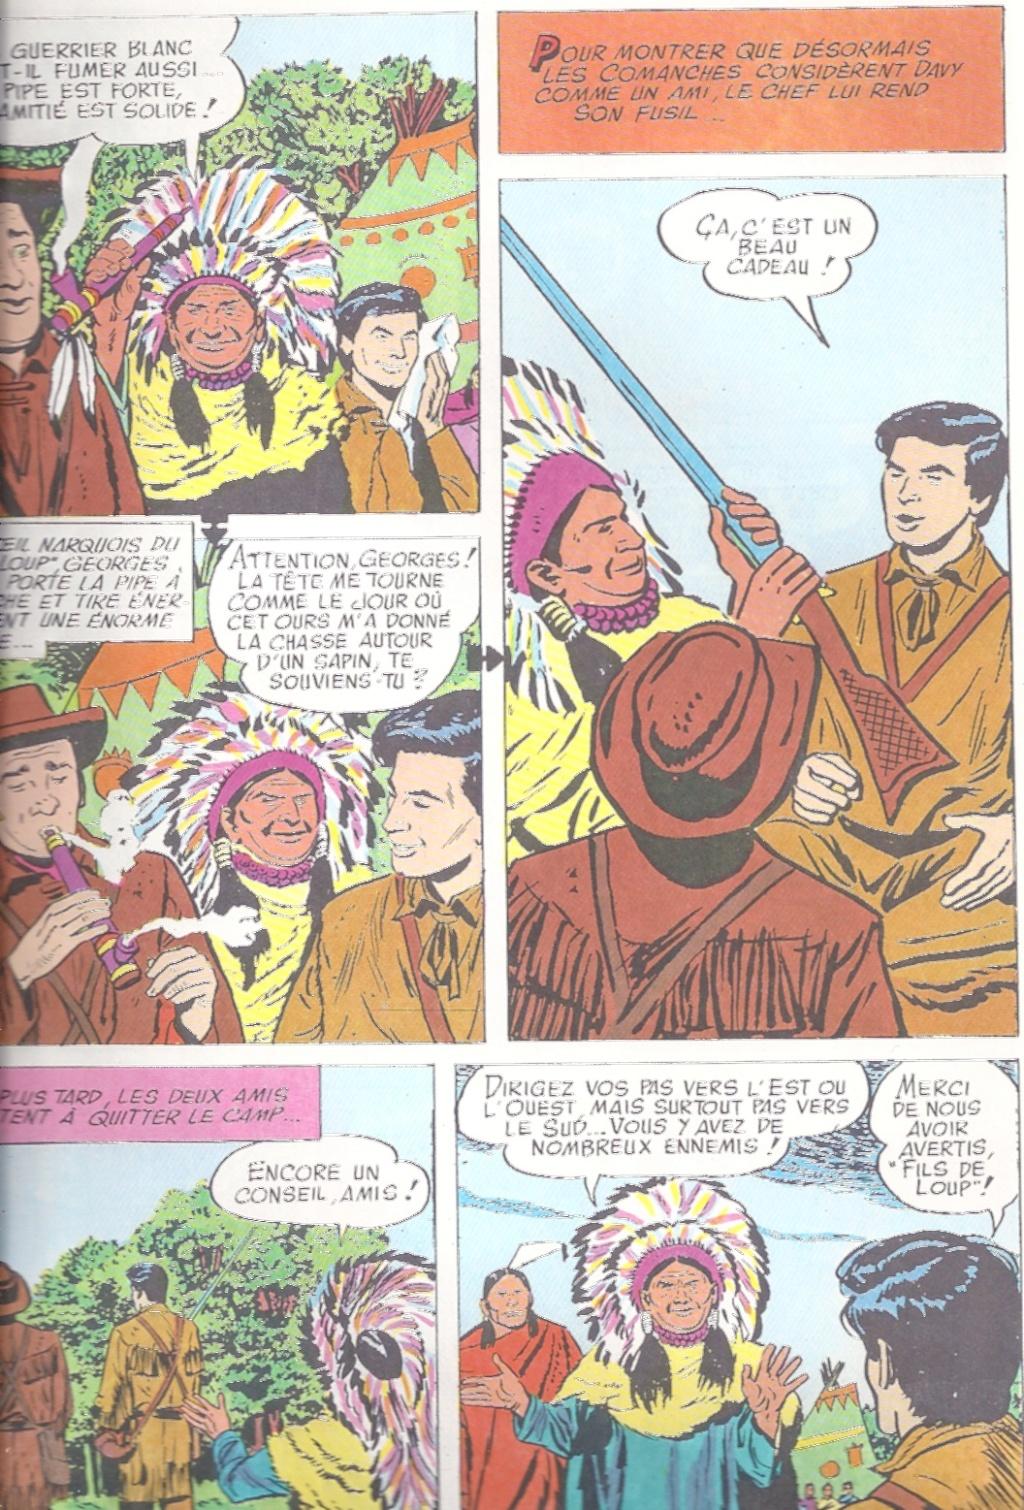 [Bandes dessinées] Jesse March (Davy Crockett, 20 000 Lieues Sous les Mers...) Comman11